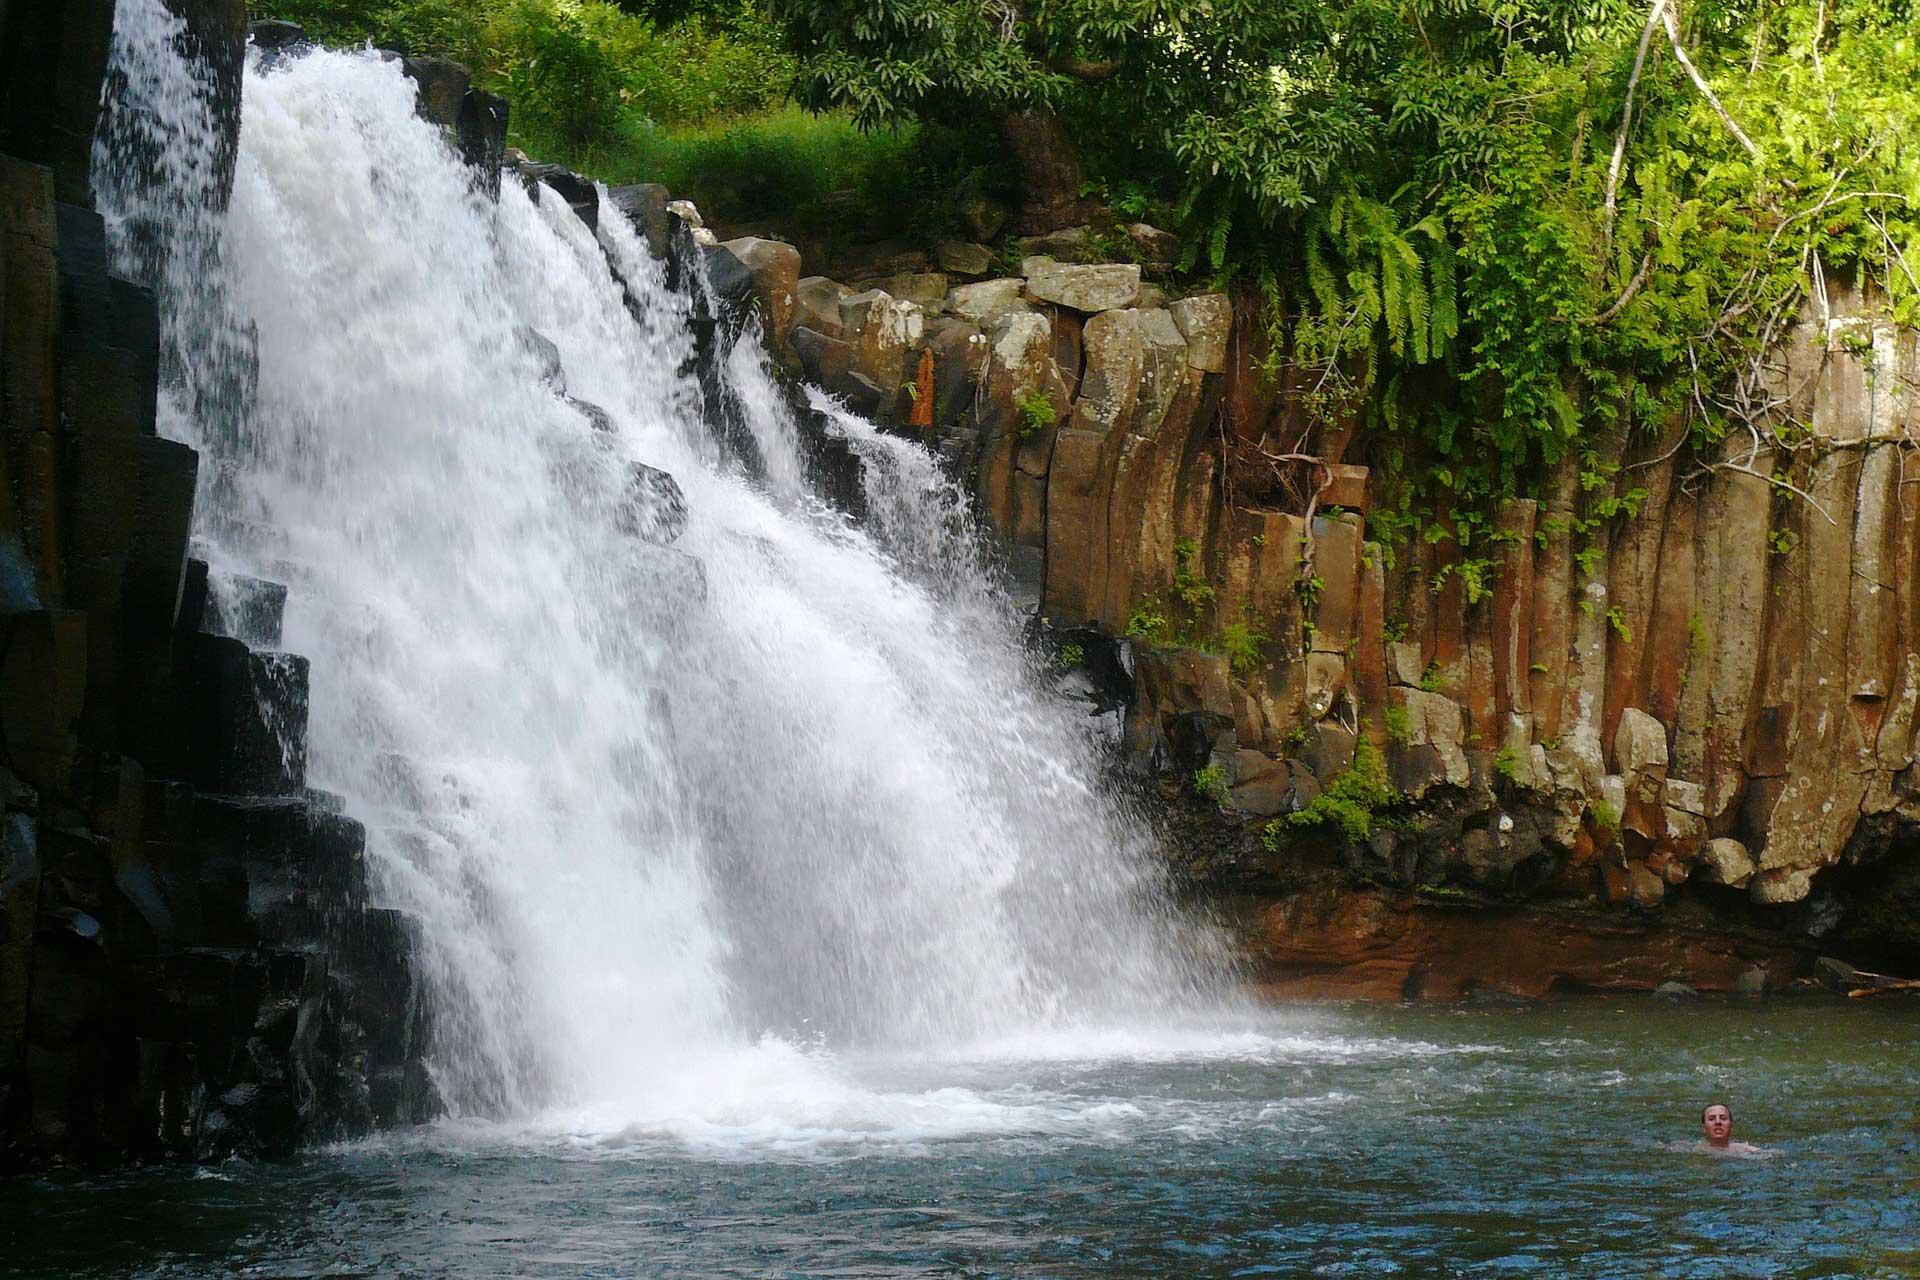 Wasserfall im Urwald auf Mauritius